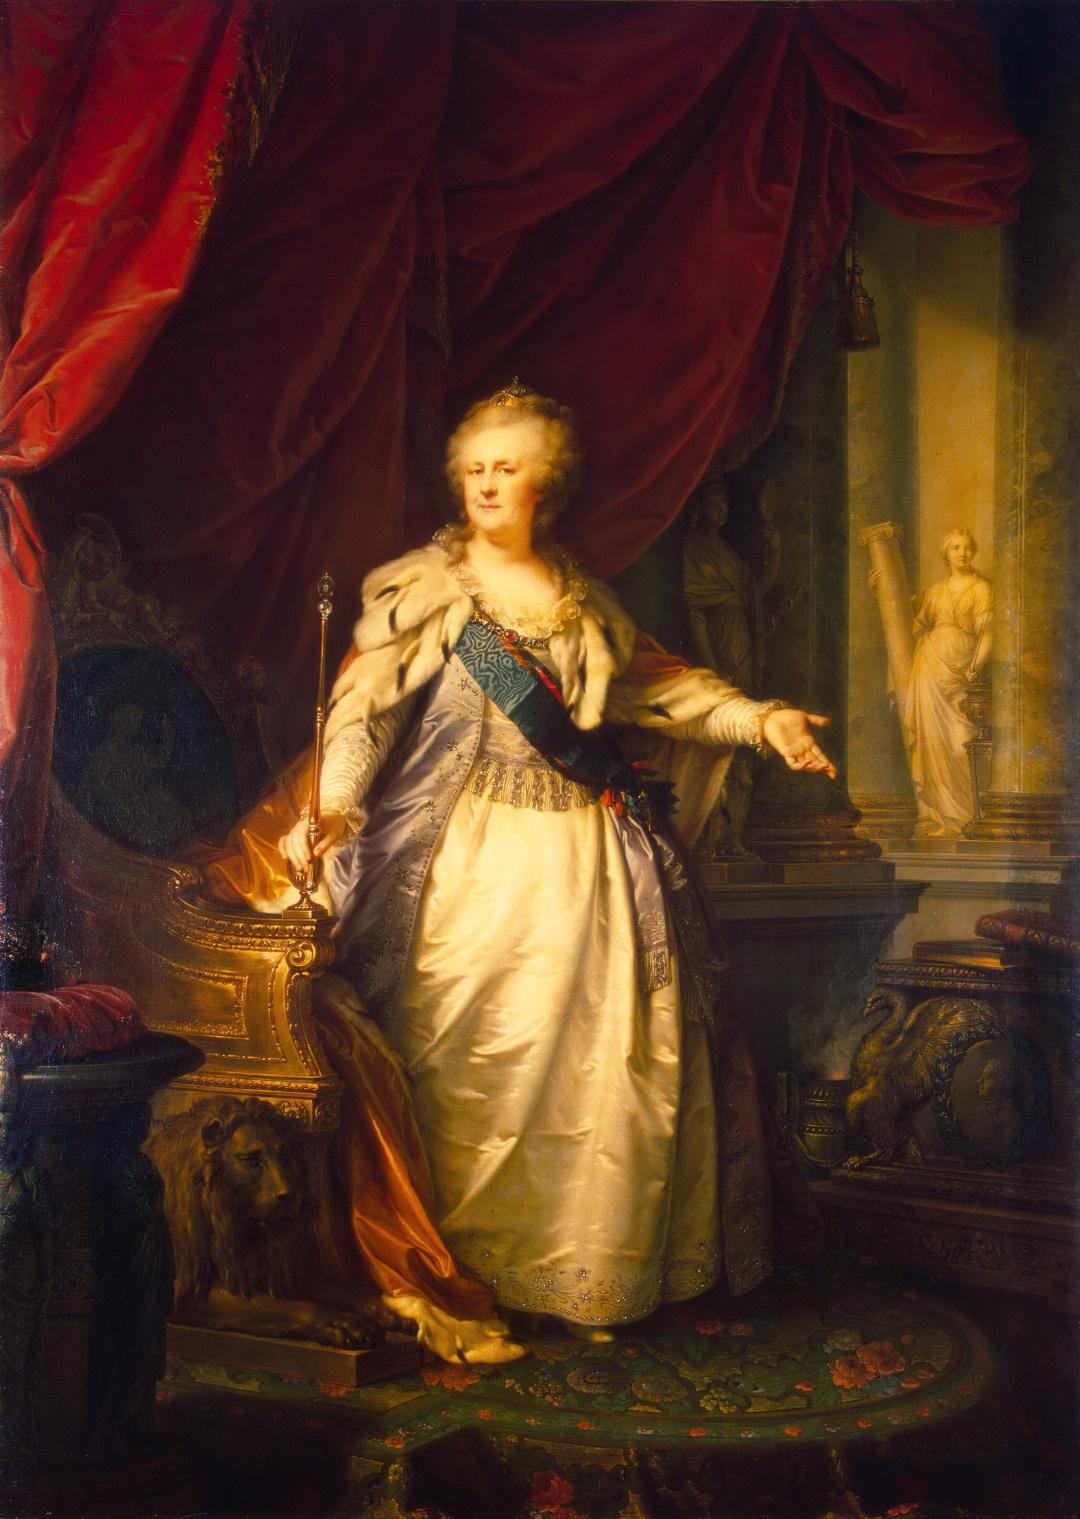 13-Йоґанн фон Лампі-старший. Портрет императриці Катерини II, 1793 р. 1